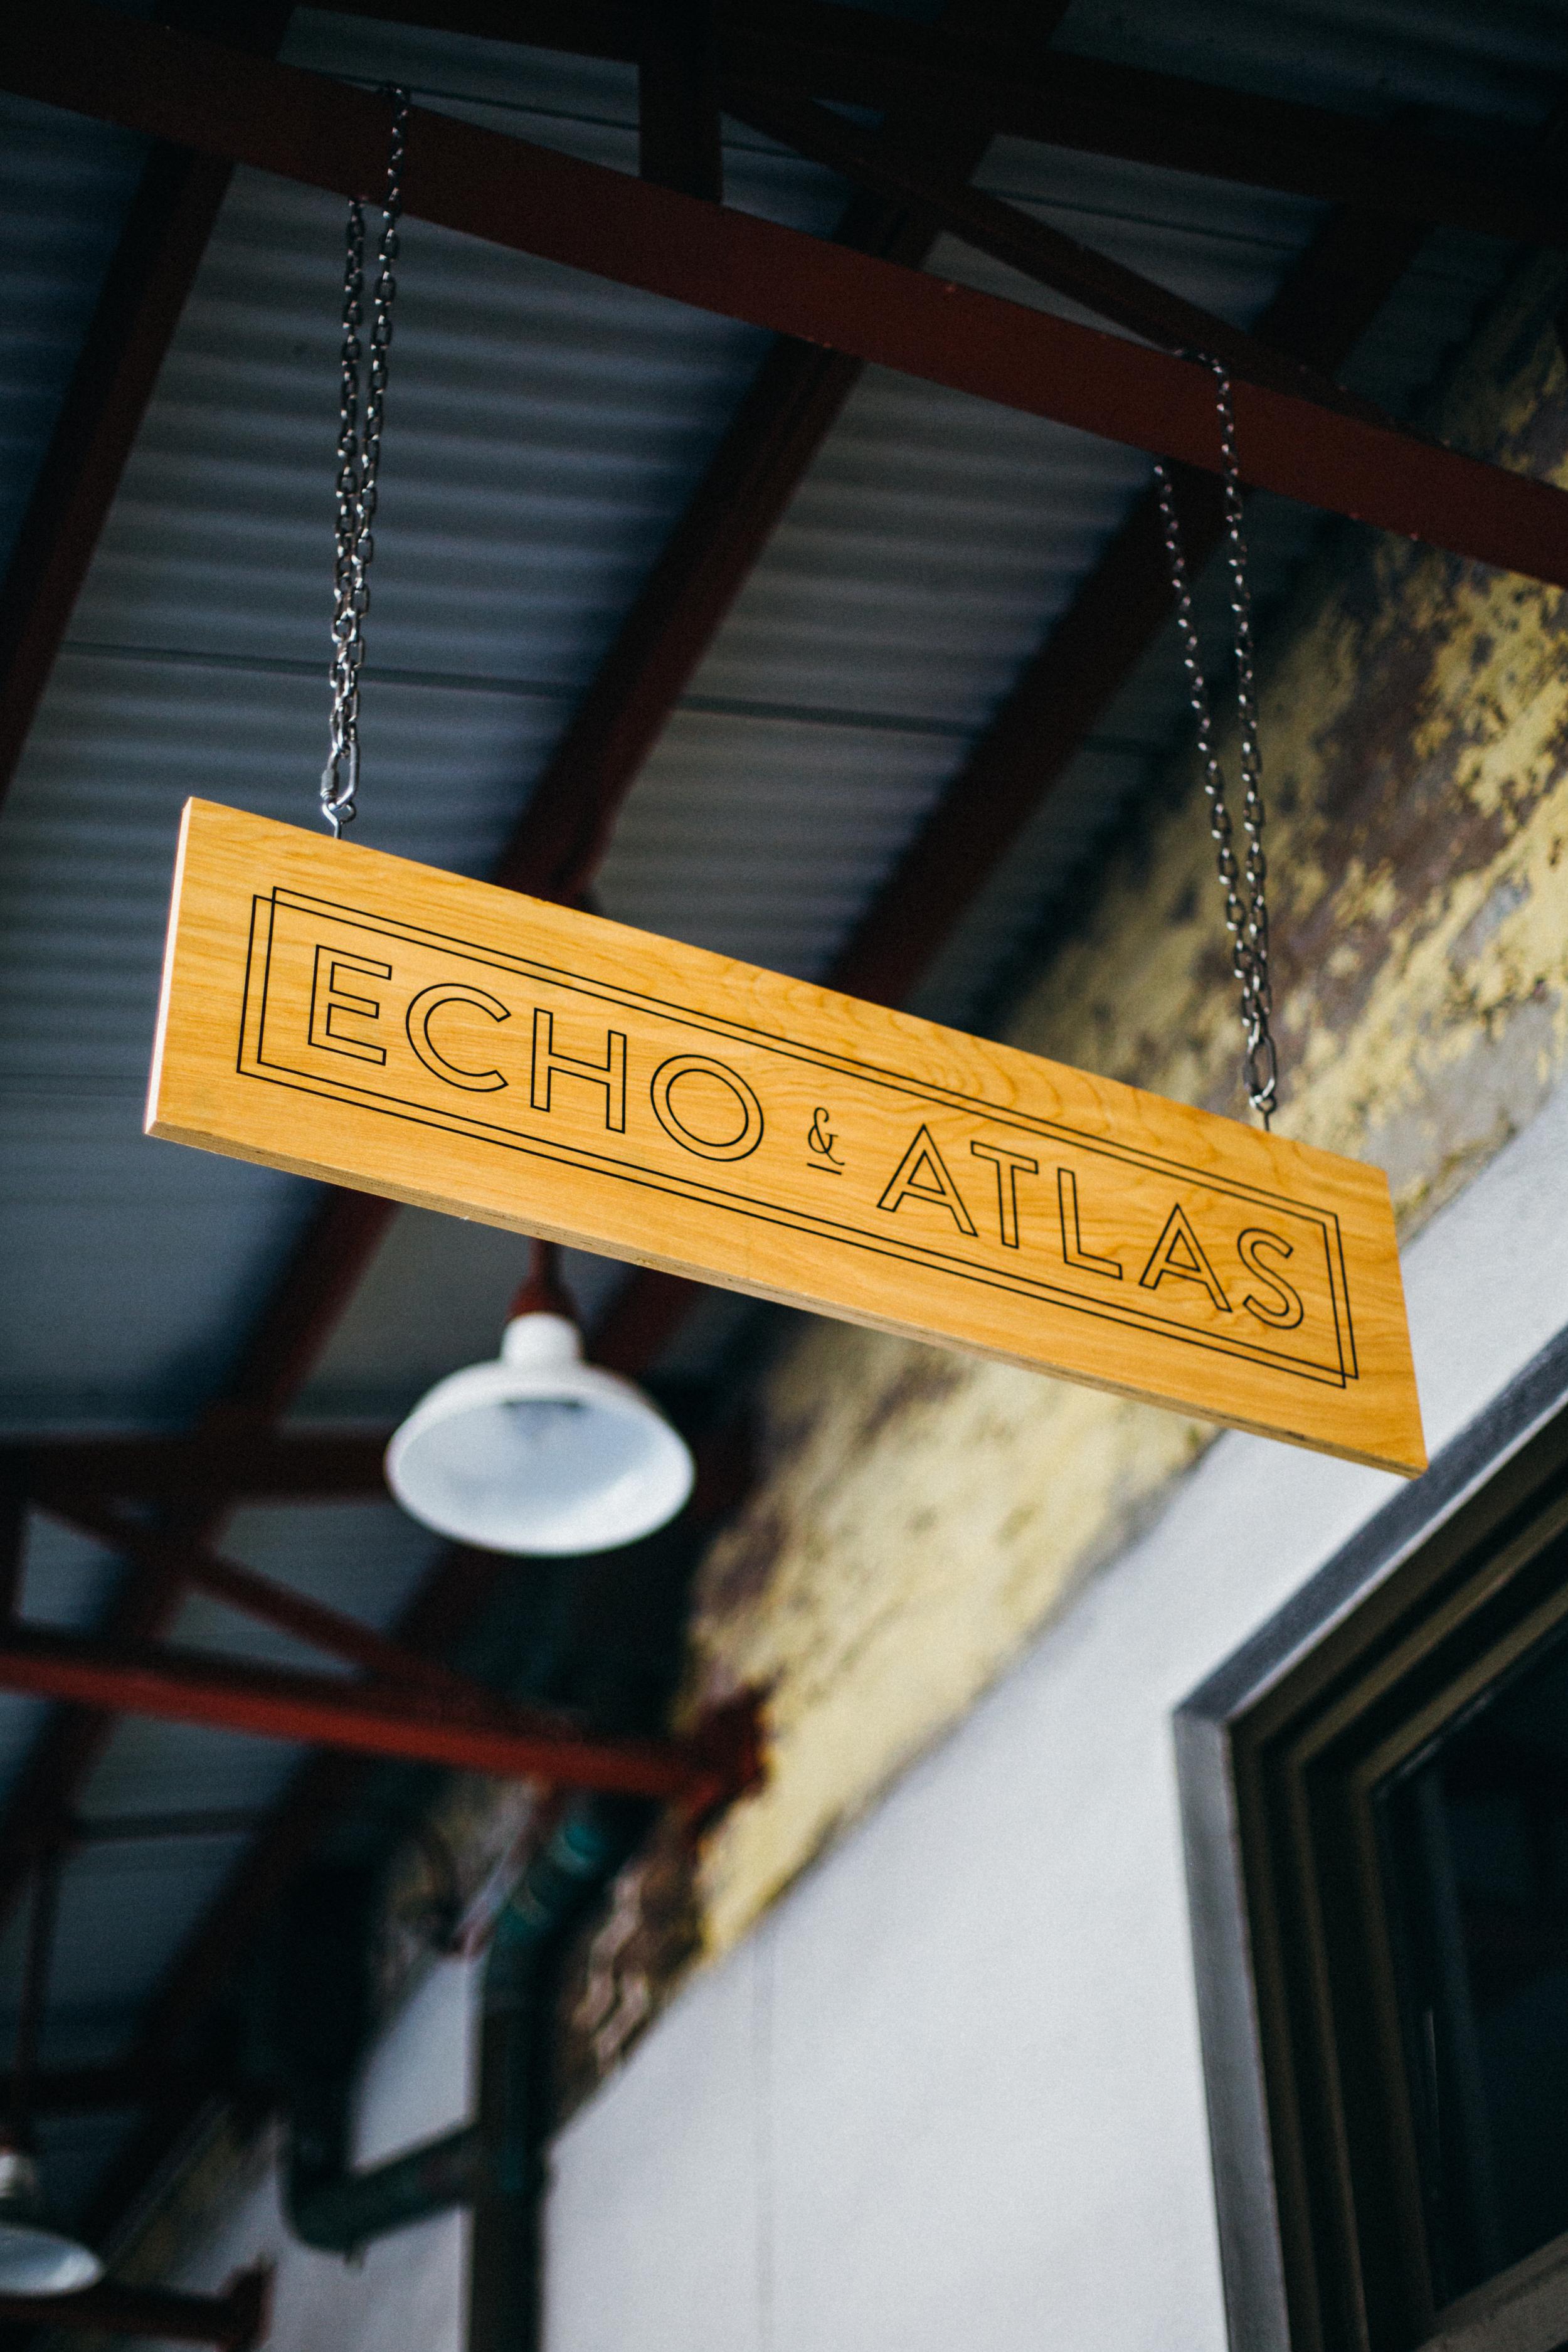 8.4..16 Echo&Atlas shop01071.jpg